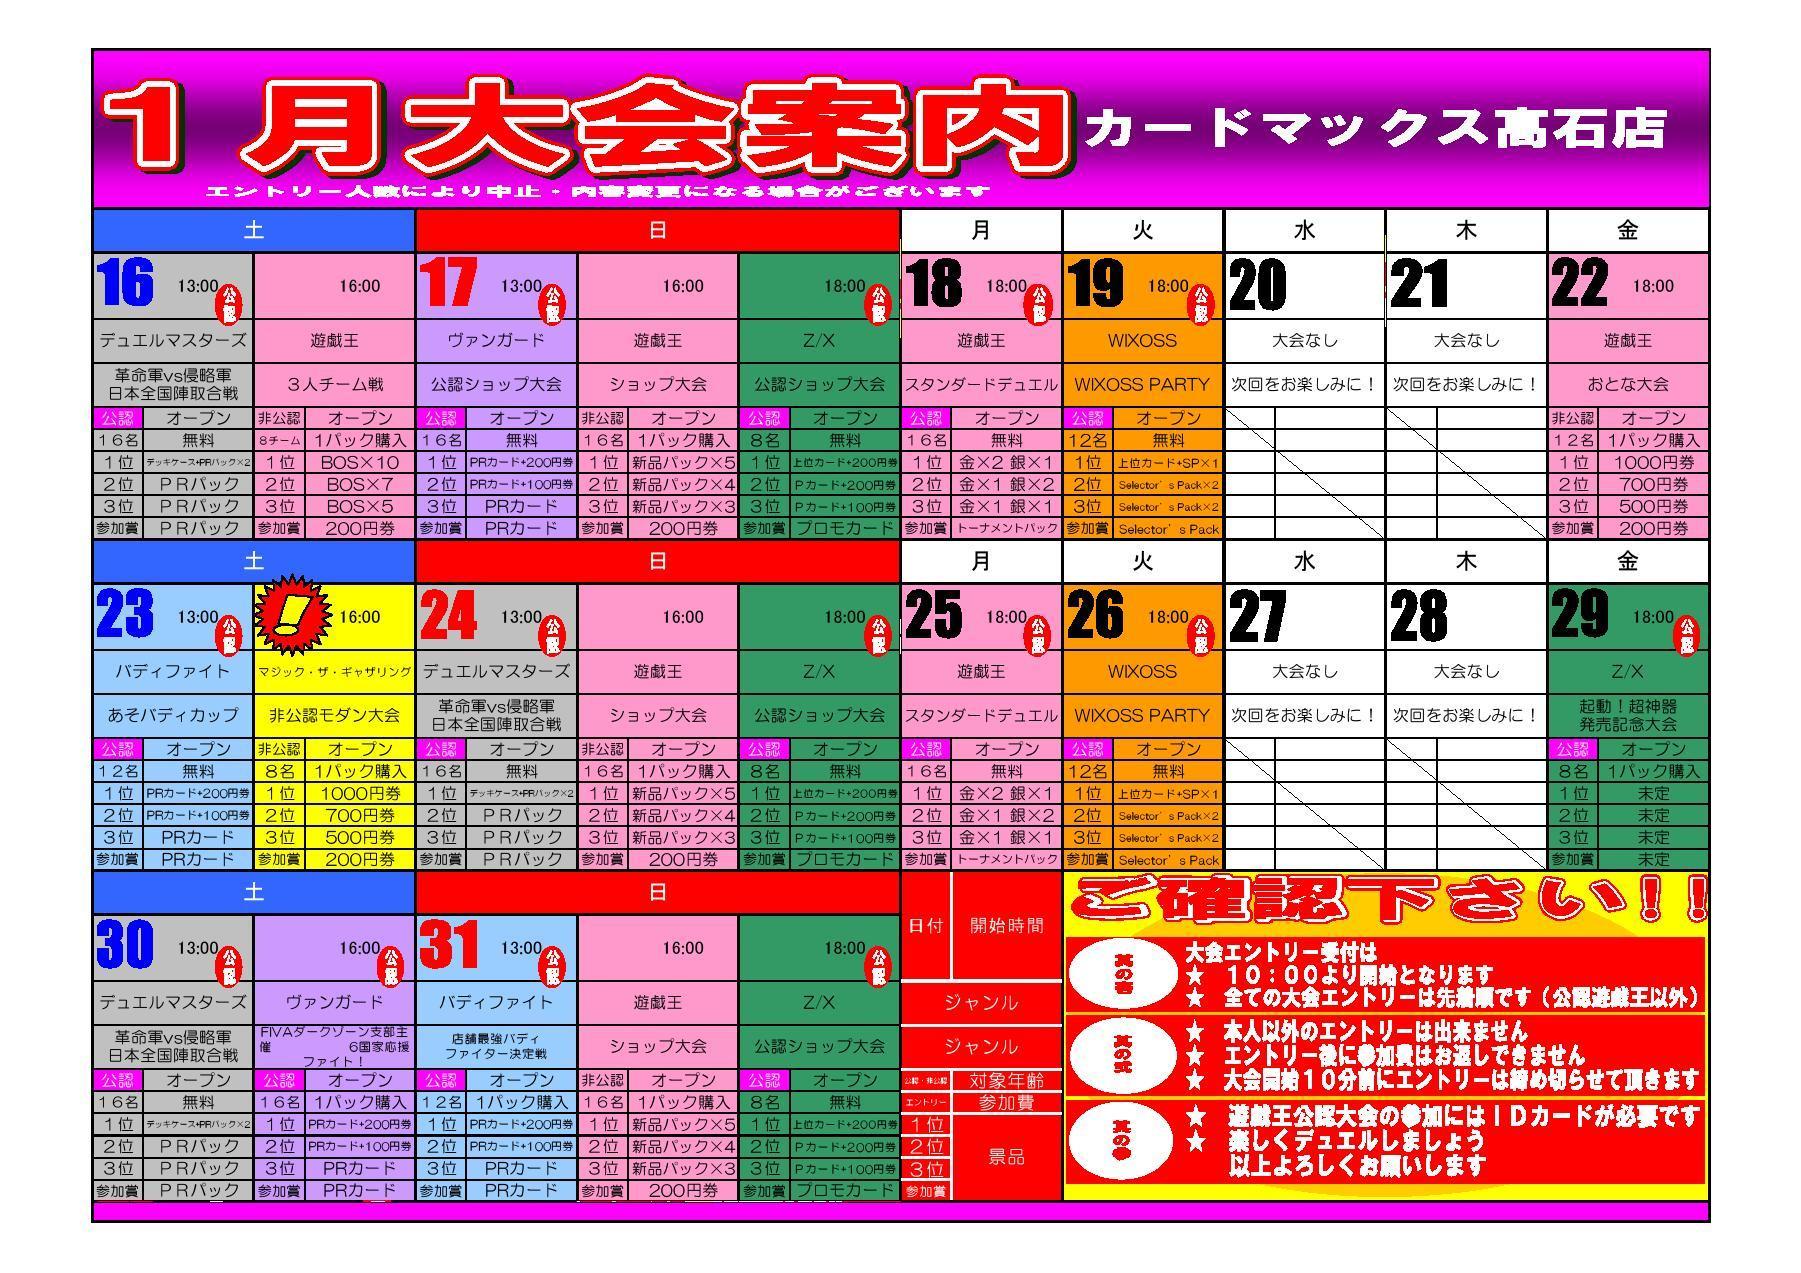 【高石店】1月後半大会情報_d0259027_01035934.jpg